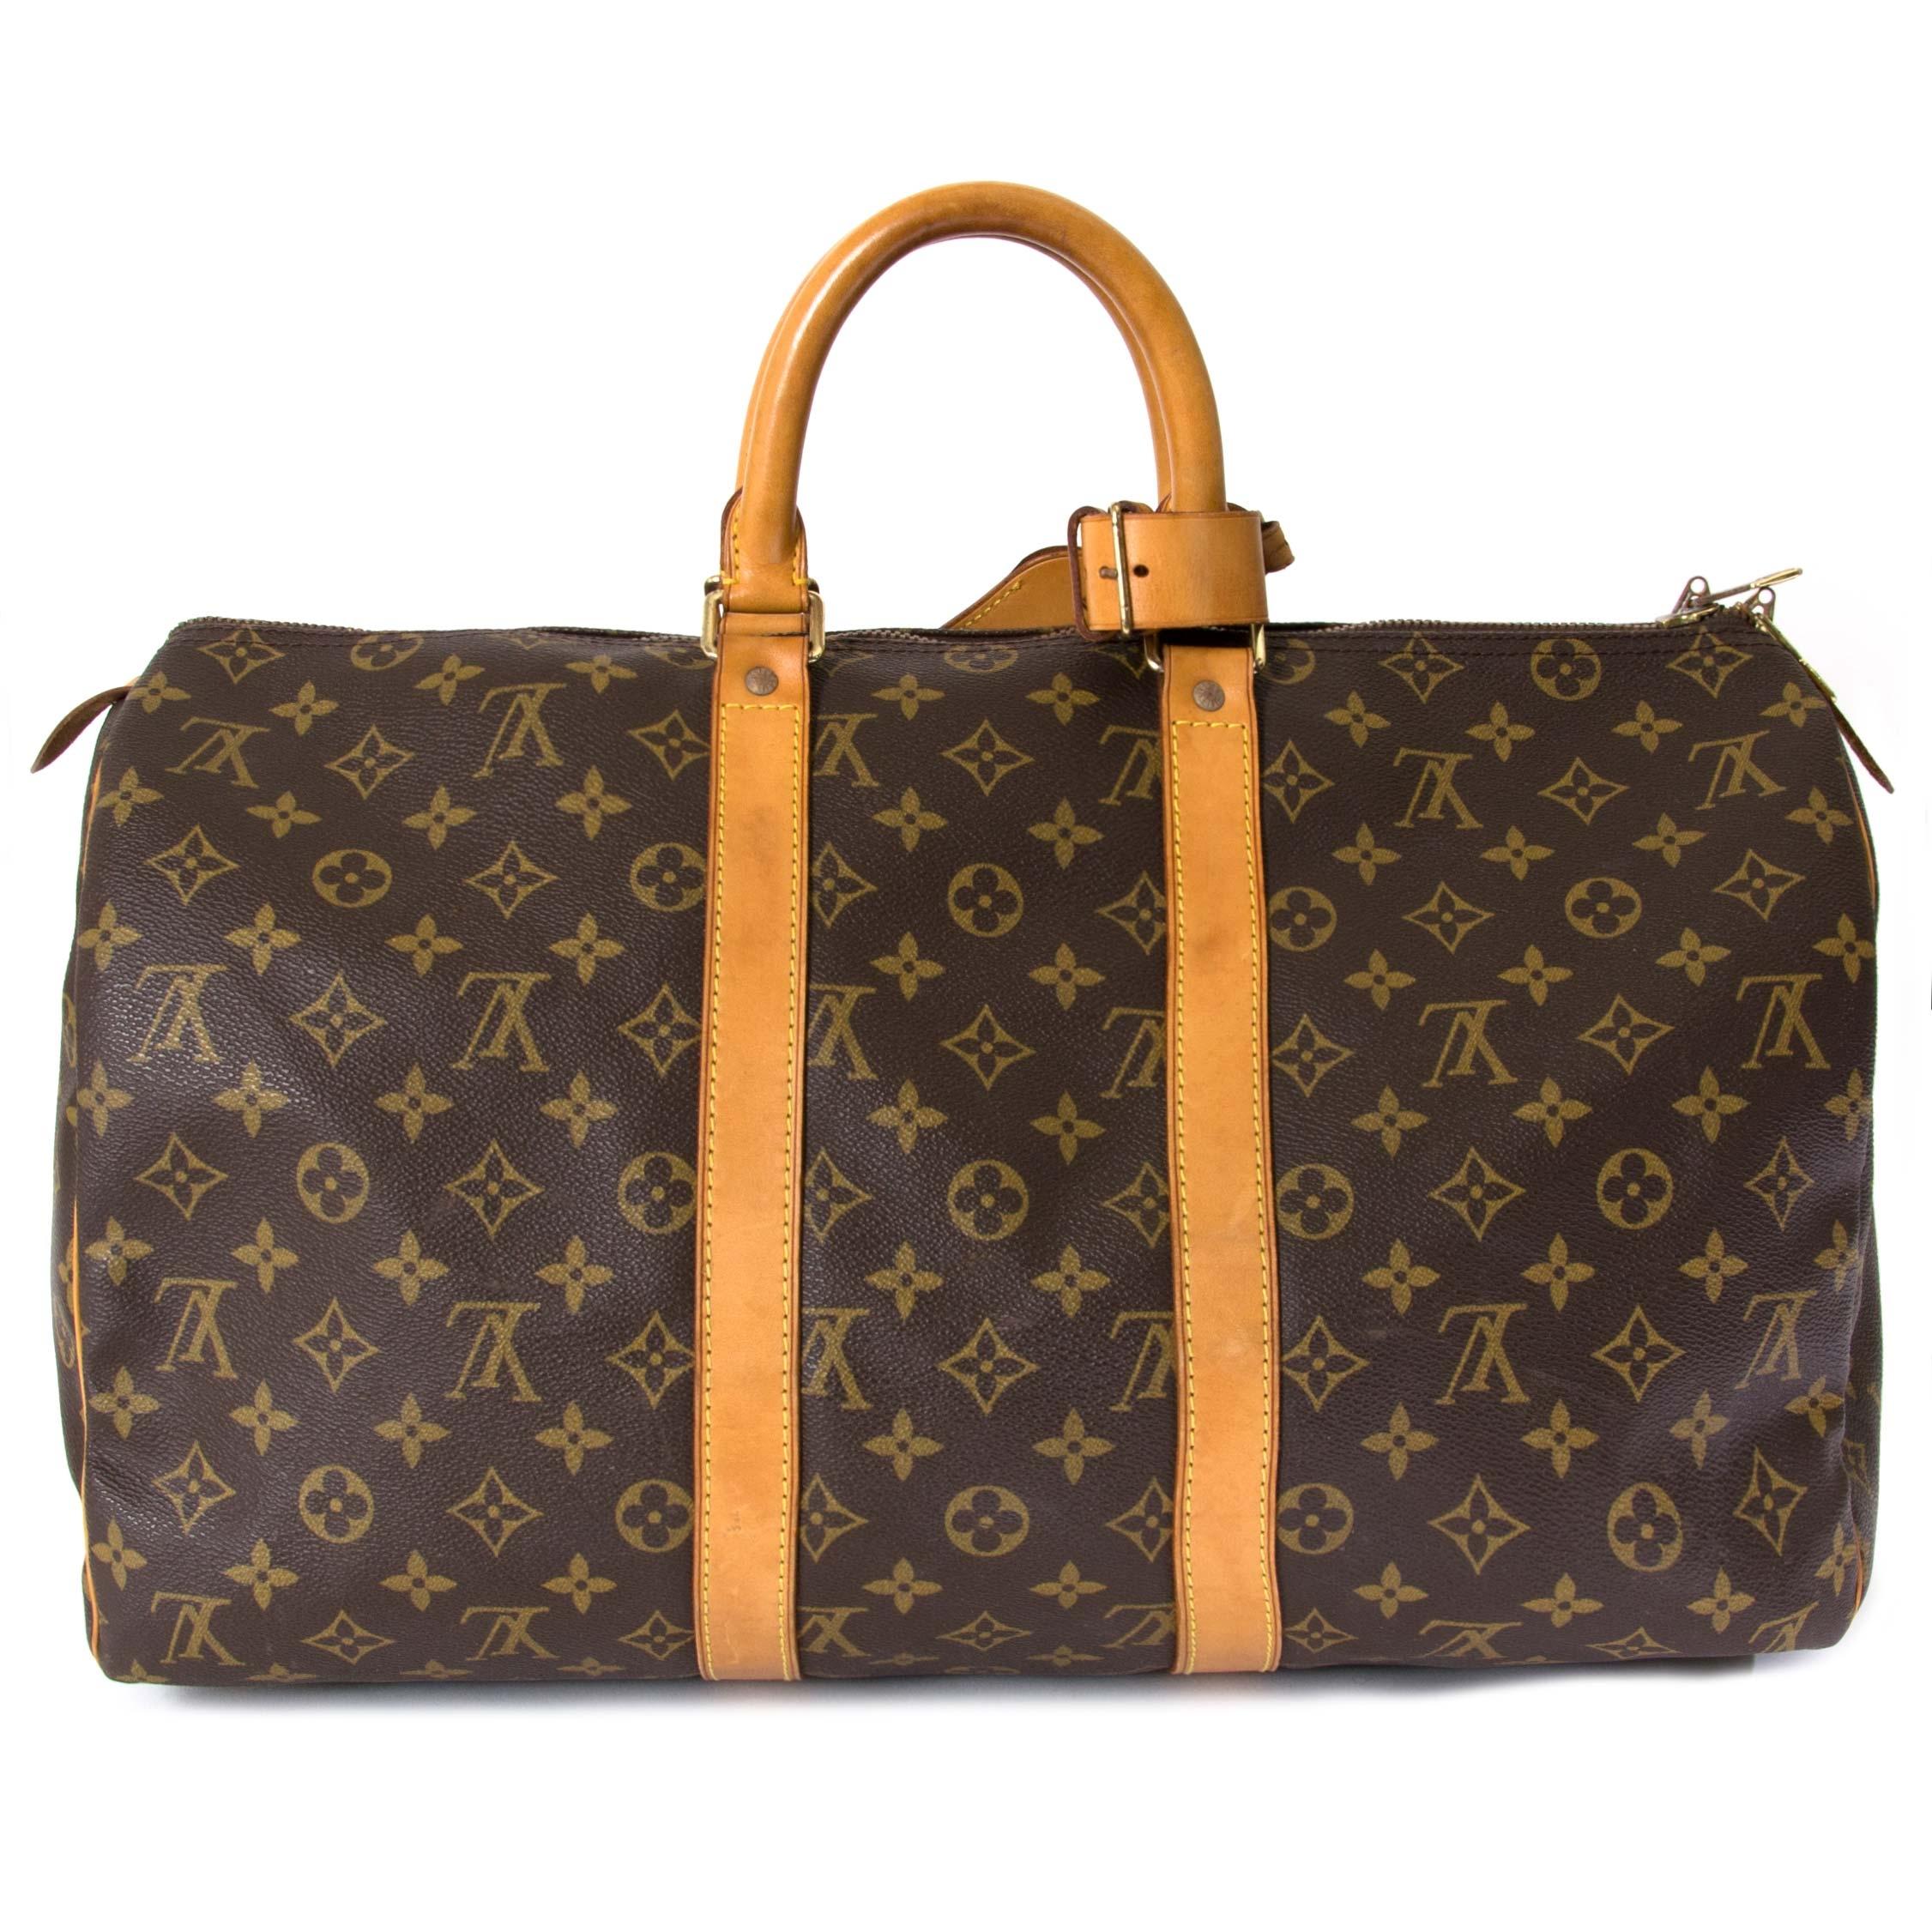 fc6870ce7cb4 ... koop Louis Vuitton Monogram Keepall 45 bij labellov aan de beste prijs